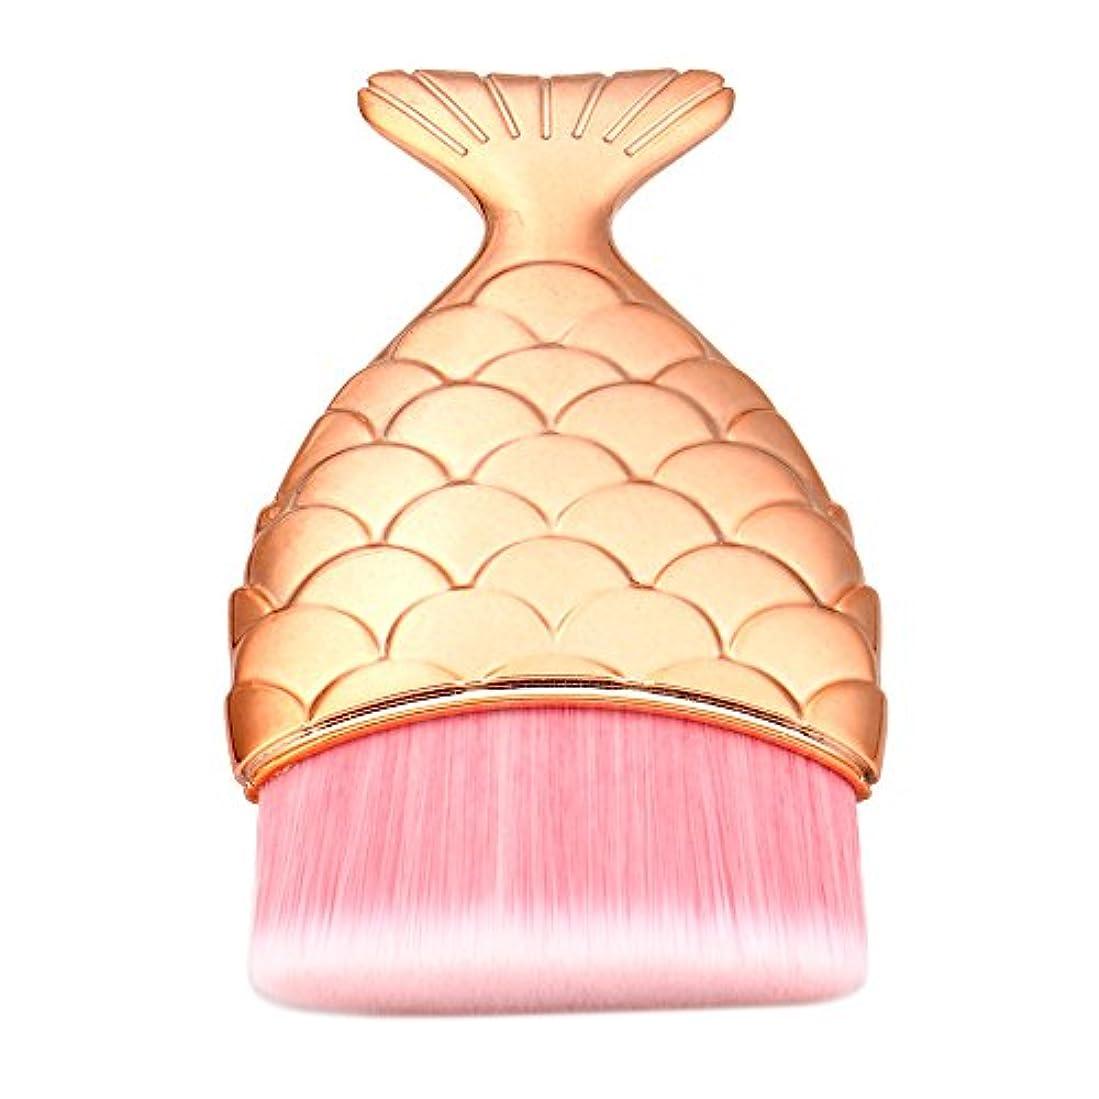 必要性真似る調整する(プタス)Putars メイクブラシ ファンデーションブラシ マーメイド 4.9*1.5*8.5cm ローズゴールド 化粧ブラシ ふわふわ お肌に優しい 毛量たっぷり メイク道具 プレゼント